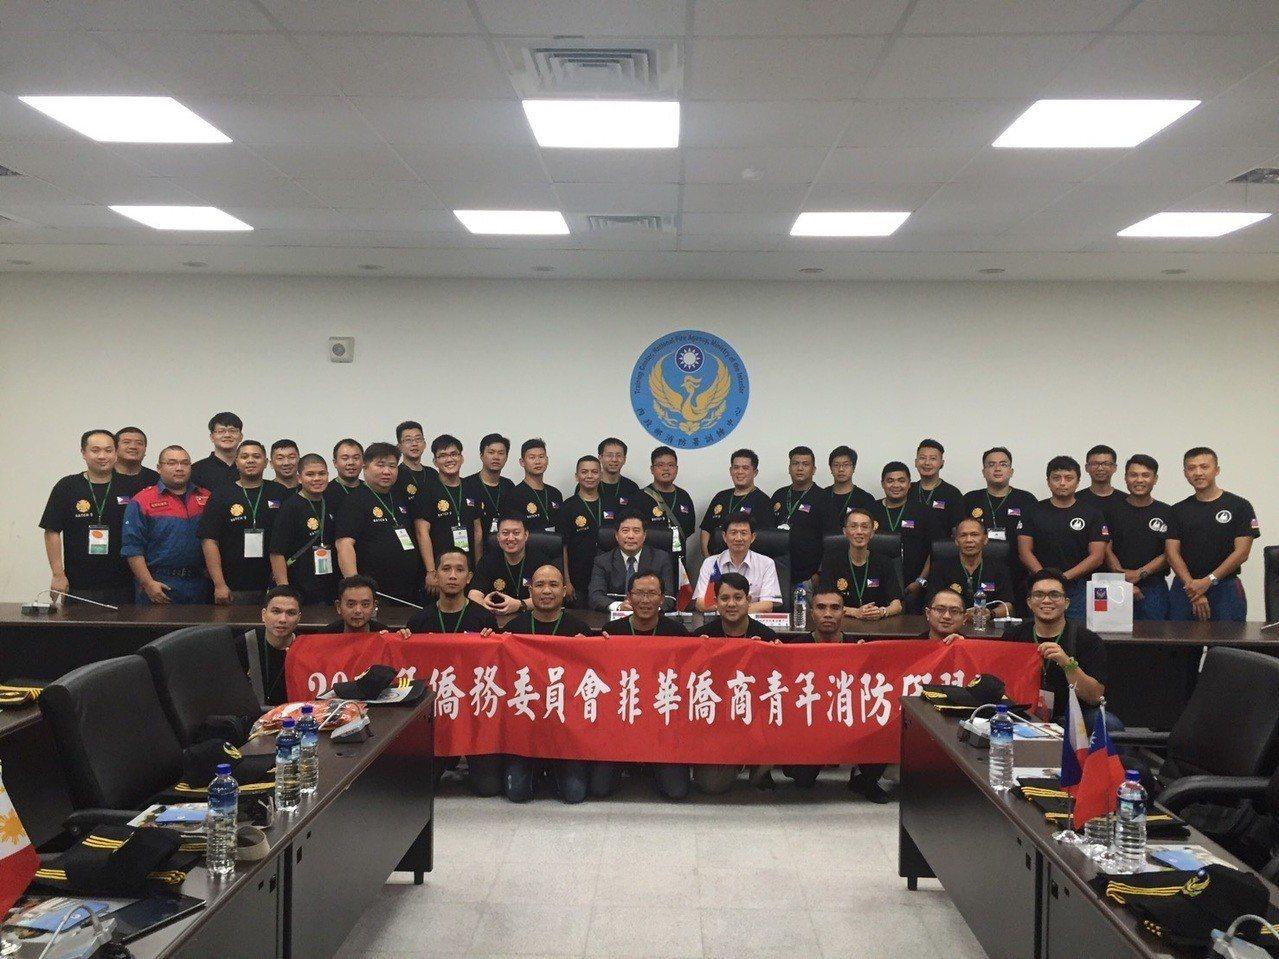 僑務委員會「2018年菲華僑商青年消防研習營」於5月14日至5月19日舉行,共計...